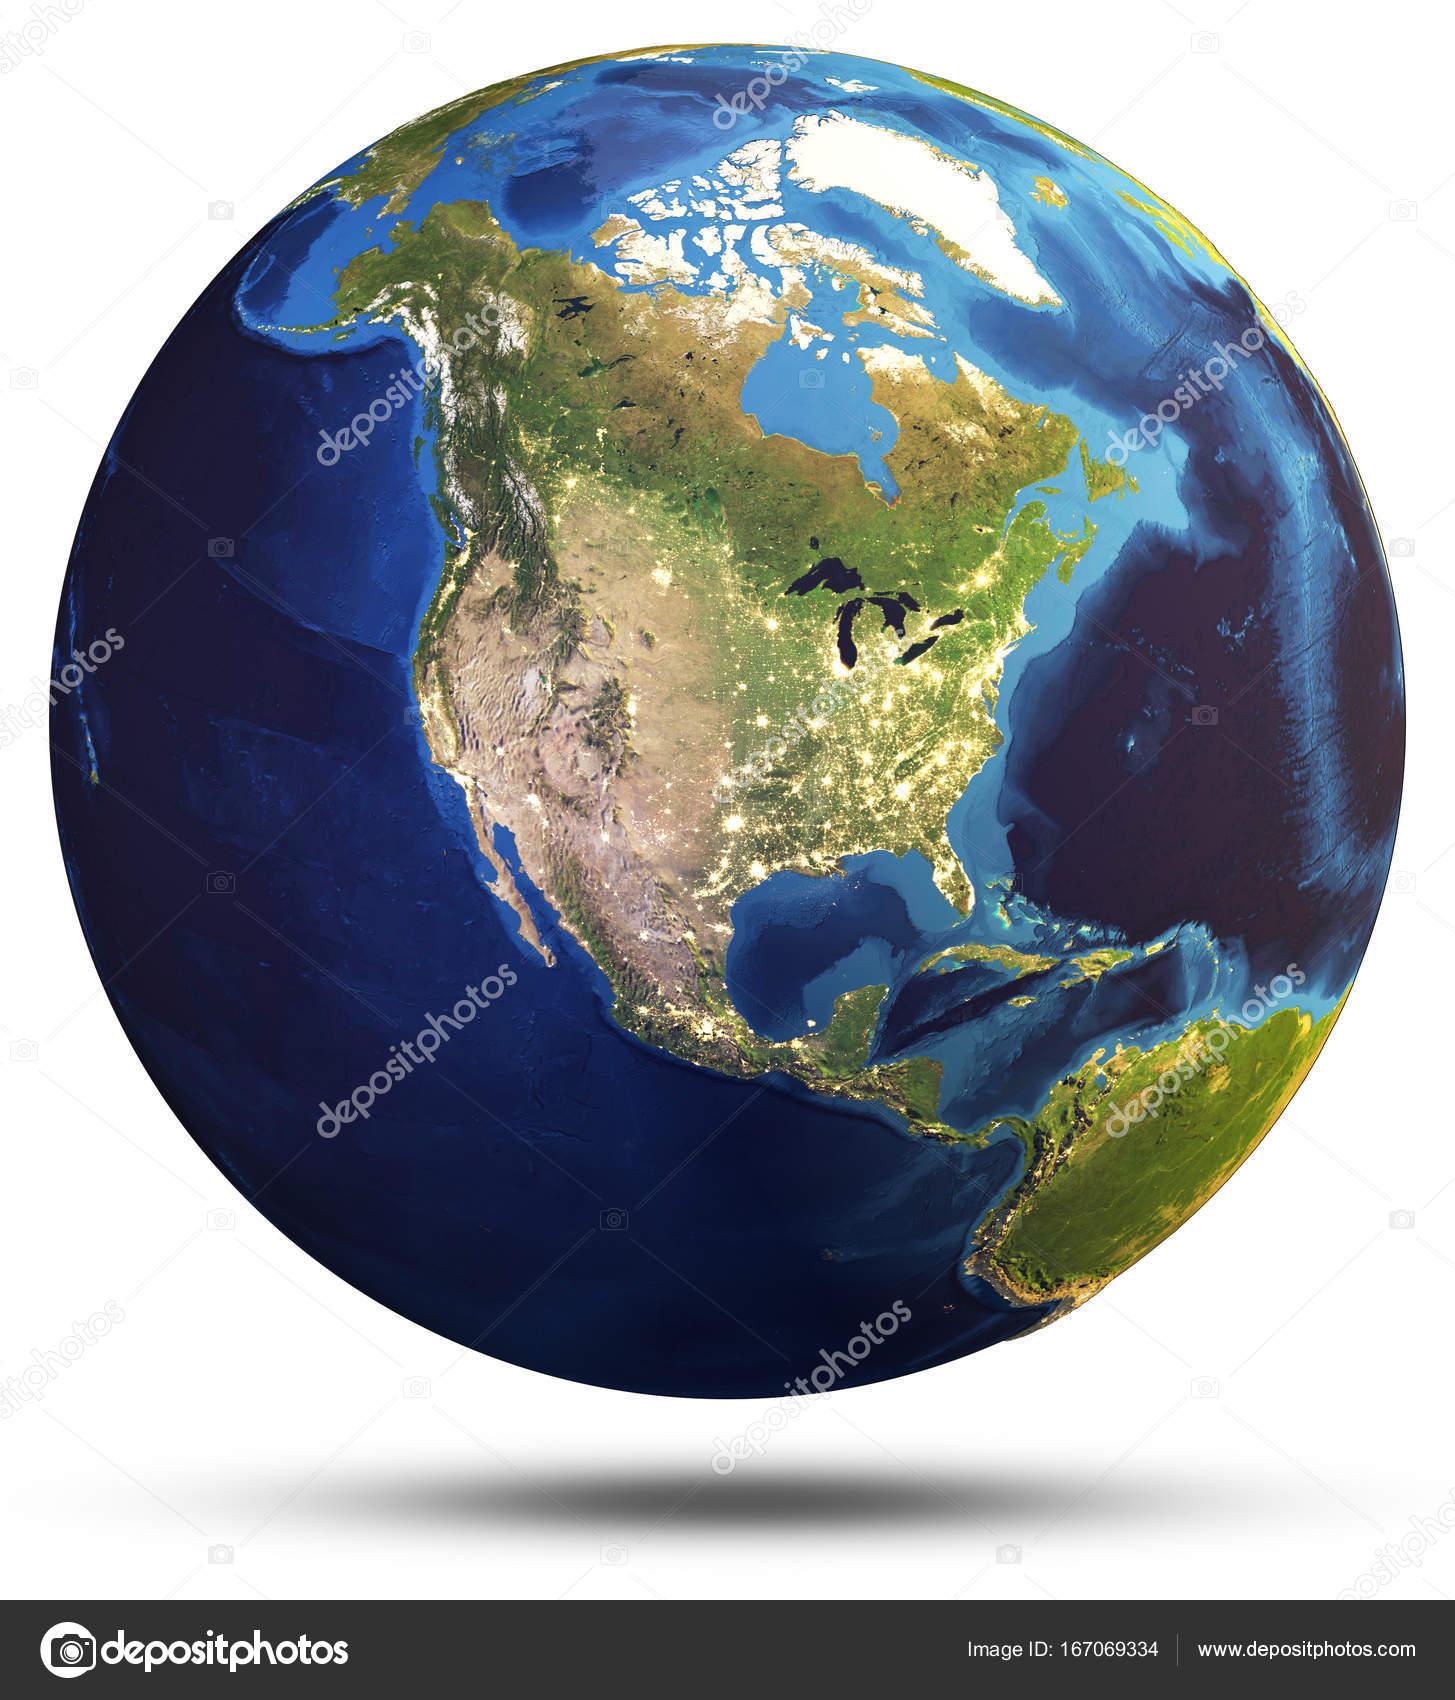 Beeindruckend Weltkugel 3d Ideen Von Erde-weltkugel. Elemente Des Bildes Von Der Nasa